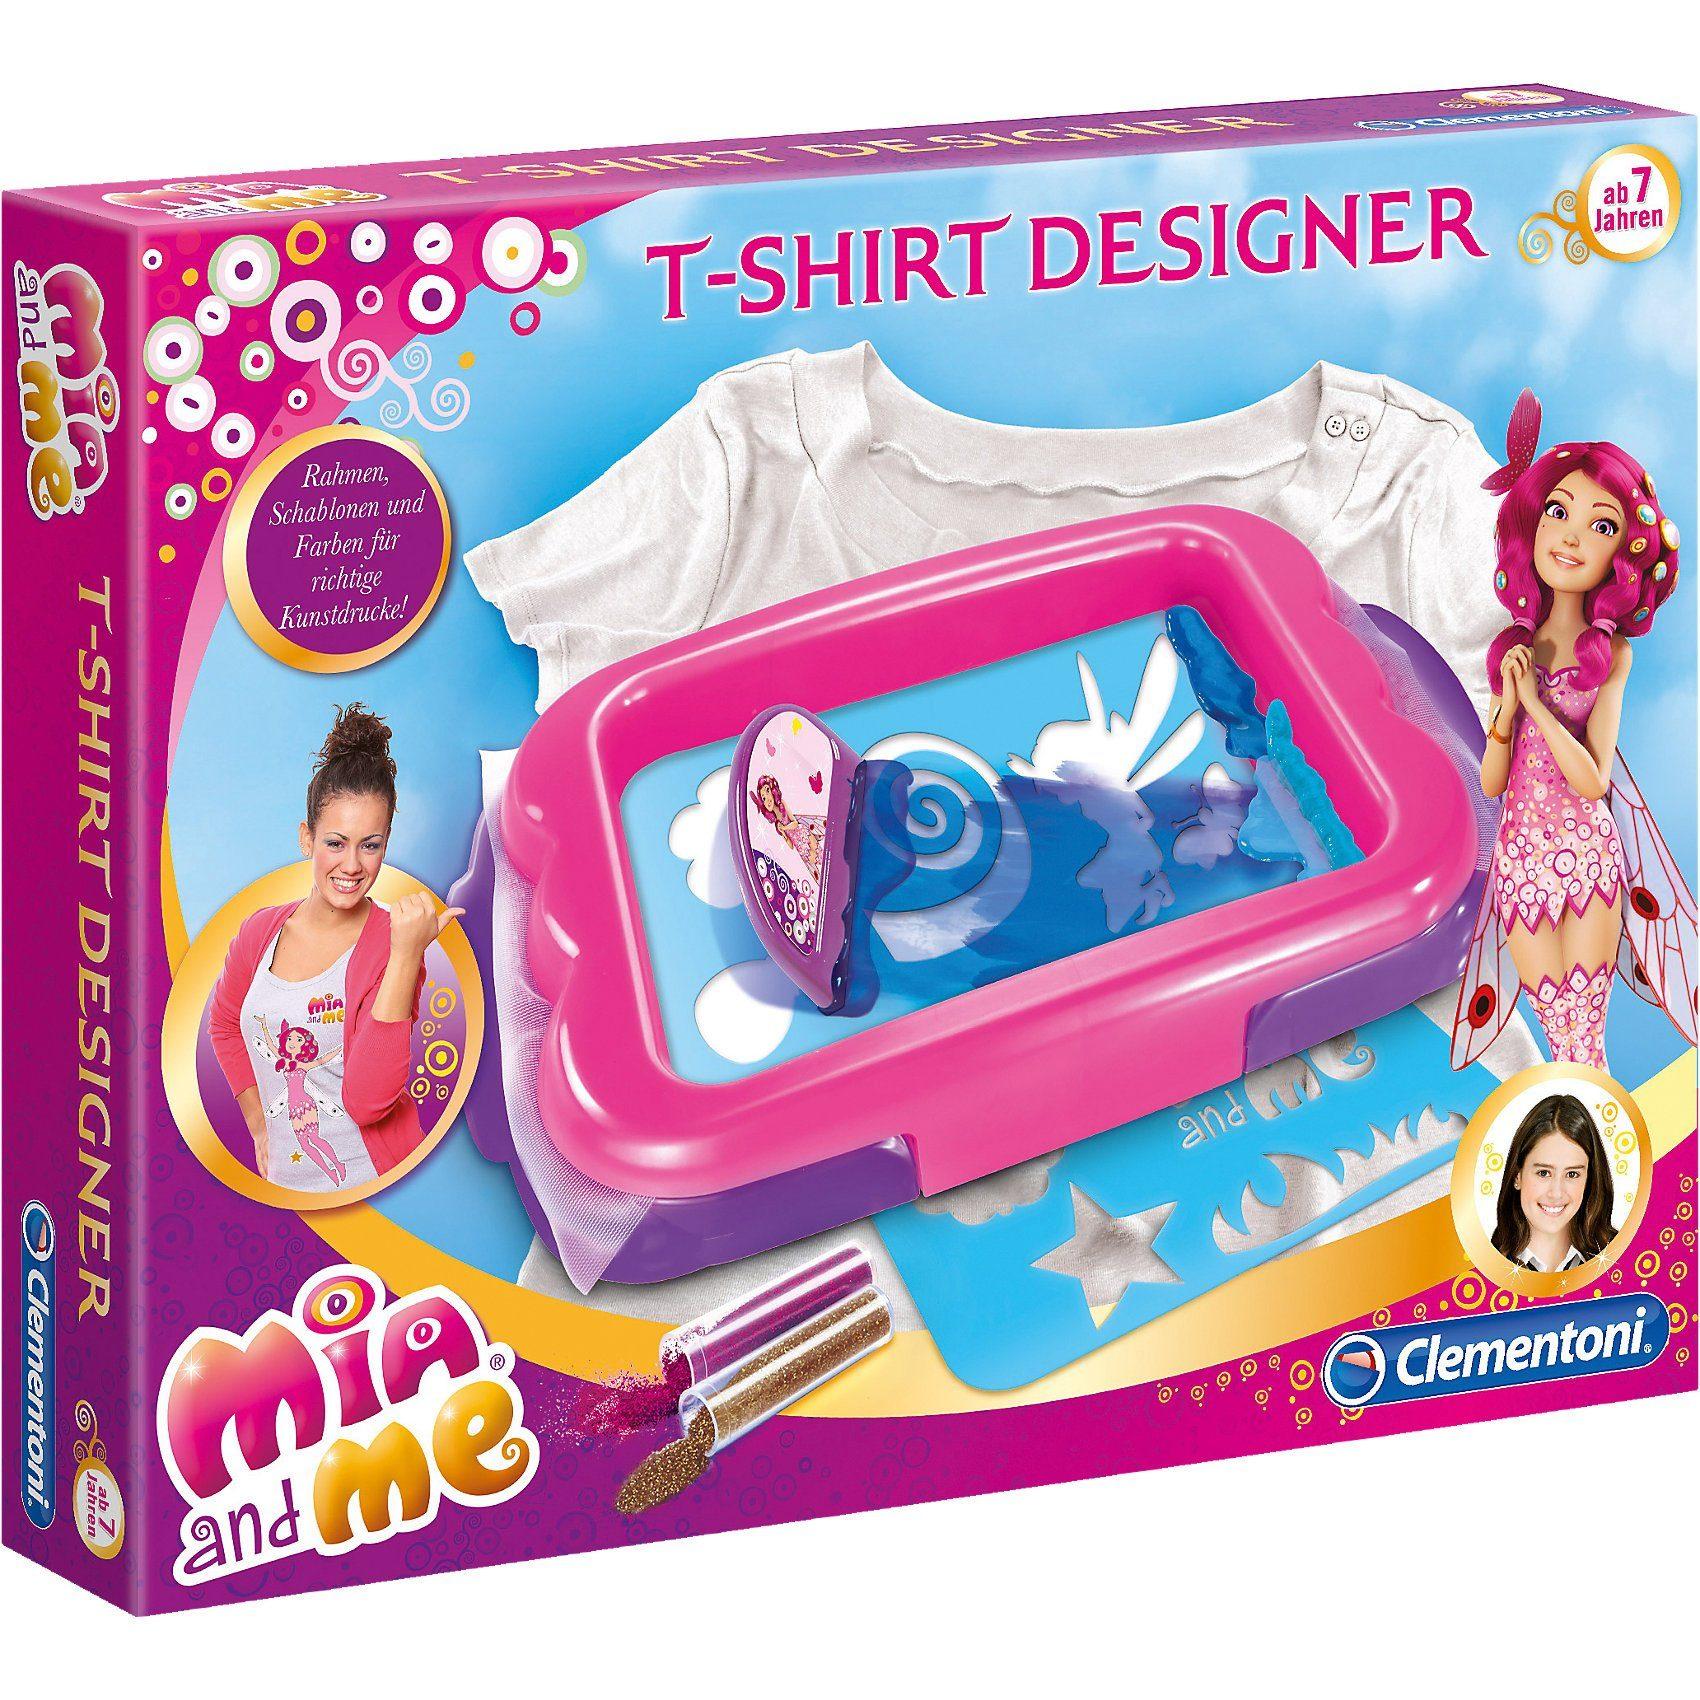 Clementoni Mia & Me - T-Shirt Designer